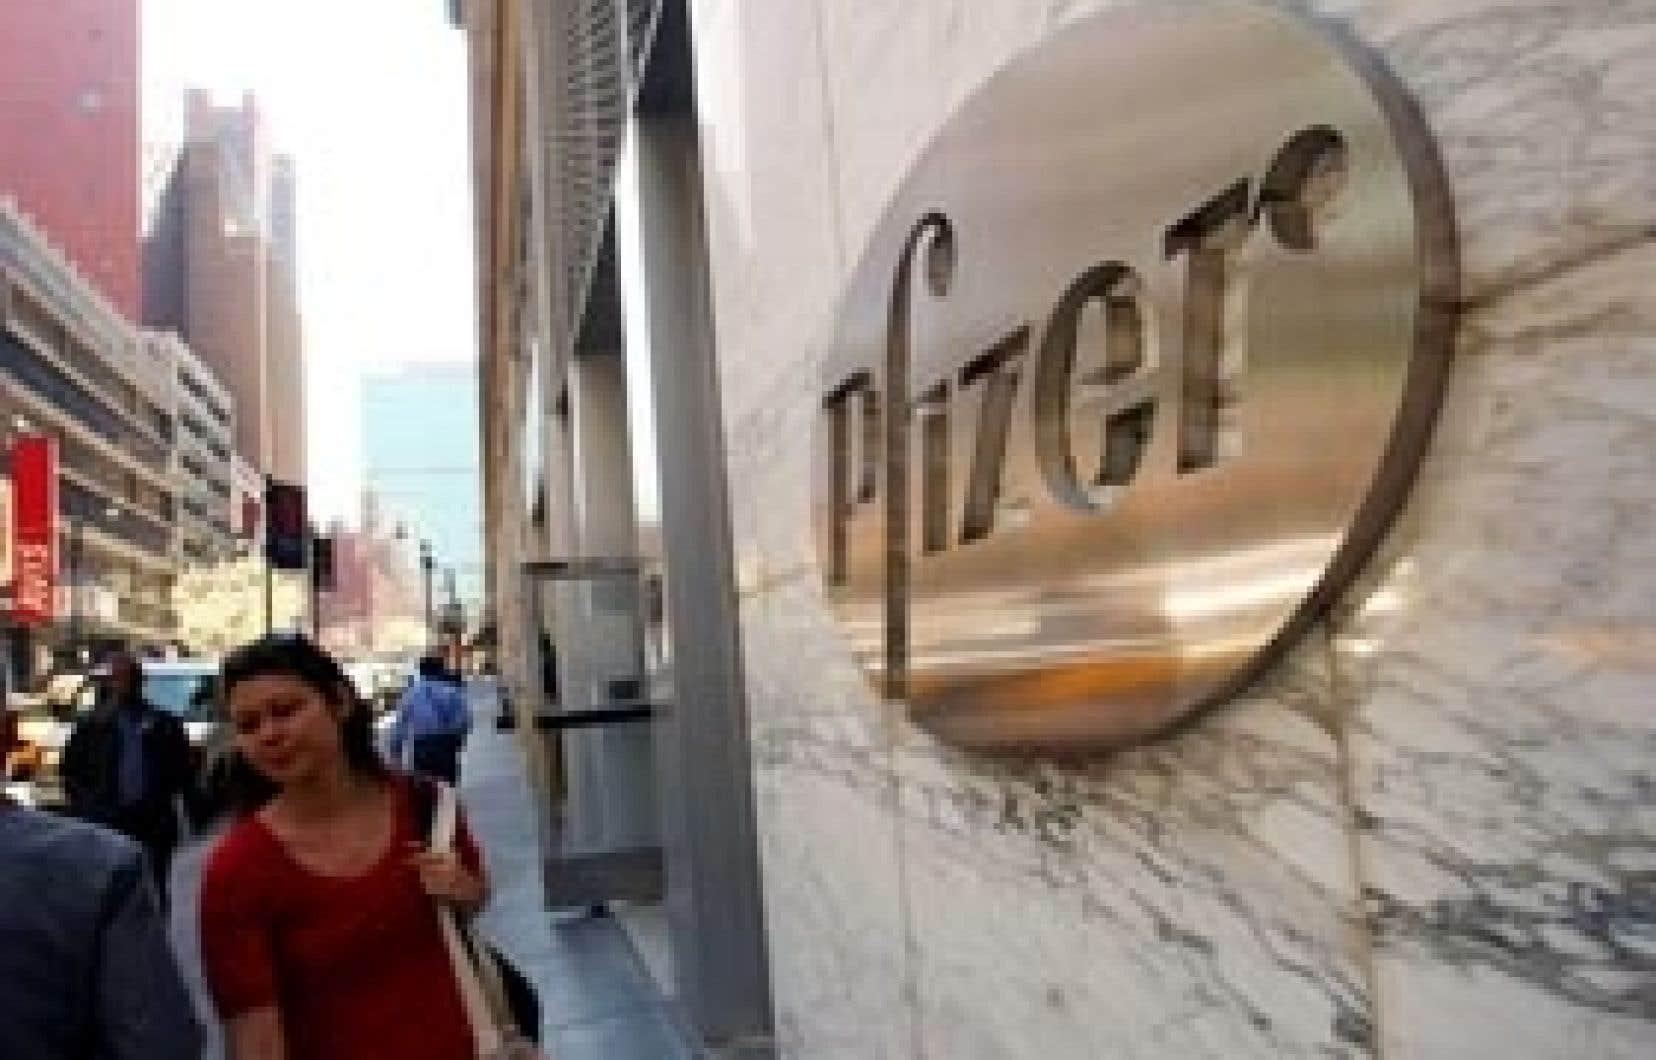 Le siège social de Pfizer à New York. Le groupe pharmaceutique était poursuivie pour des campagnes concernant quatre de ses médicaments: le Bextra, le Zyvox, le Geodon et le Lyrica.